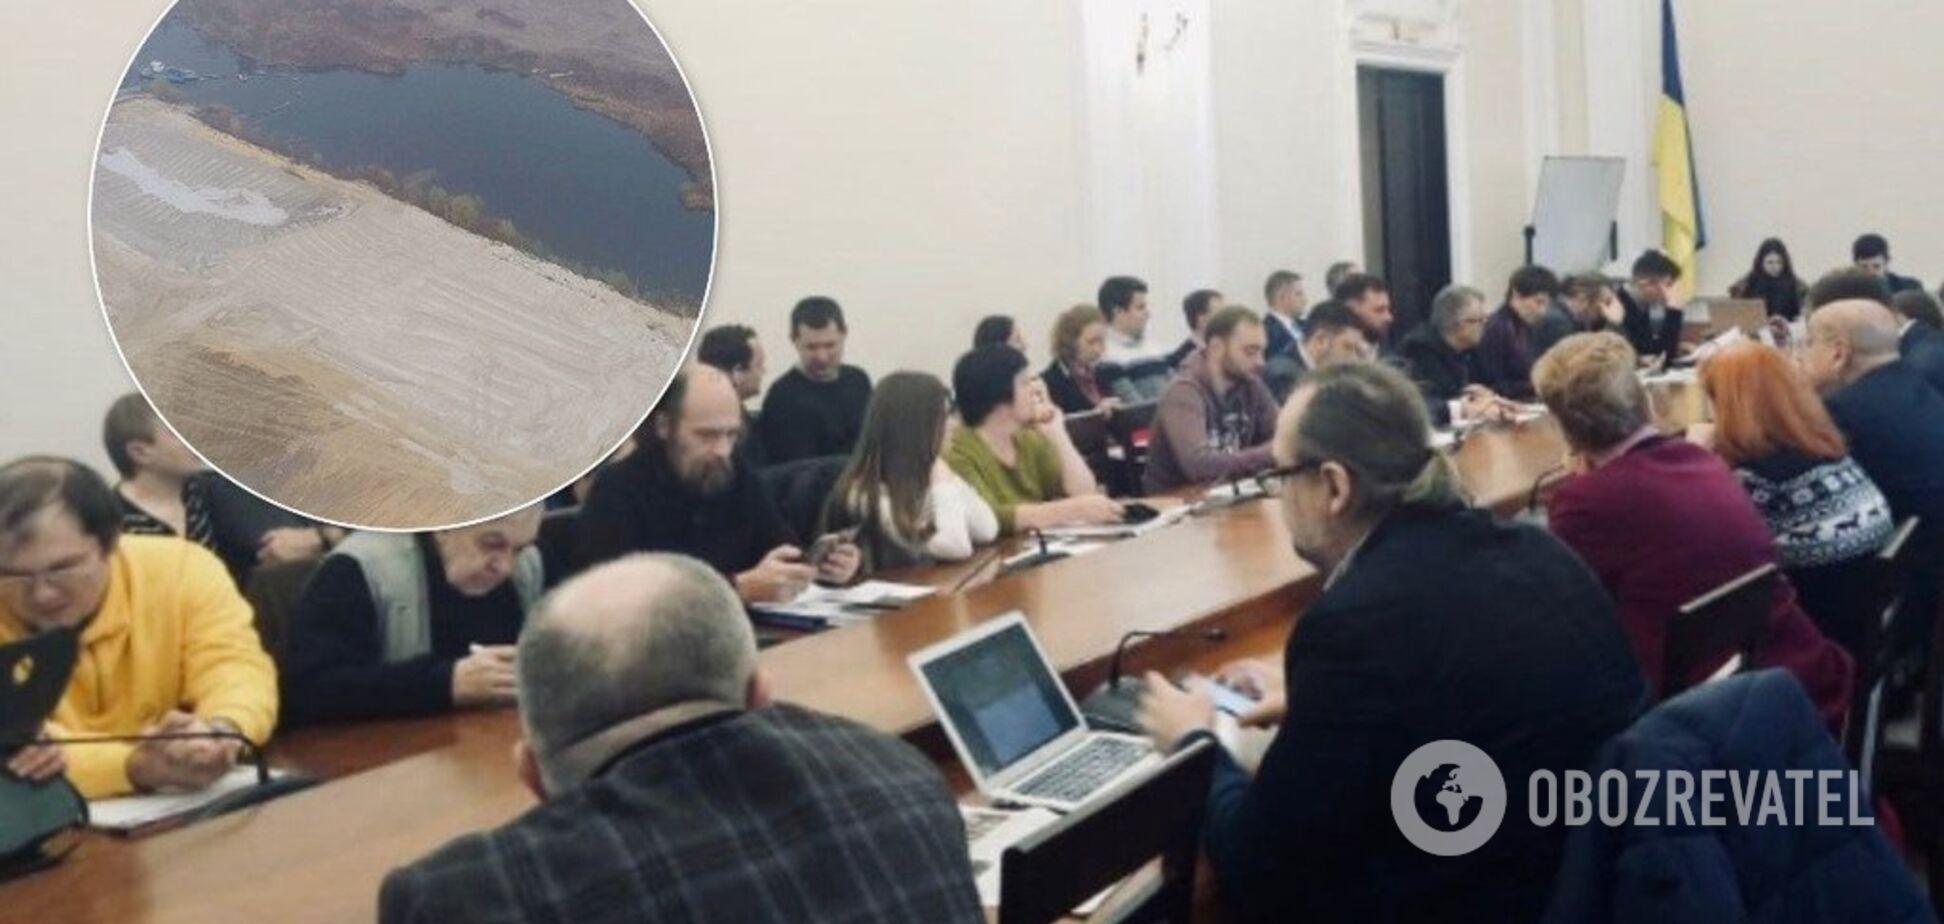 Незаконний видобуток піску під Києвом: журналісти заявили про свавілля влади